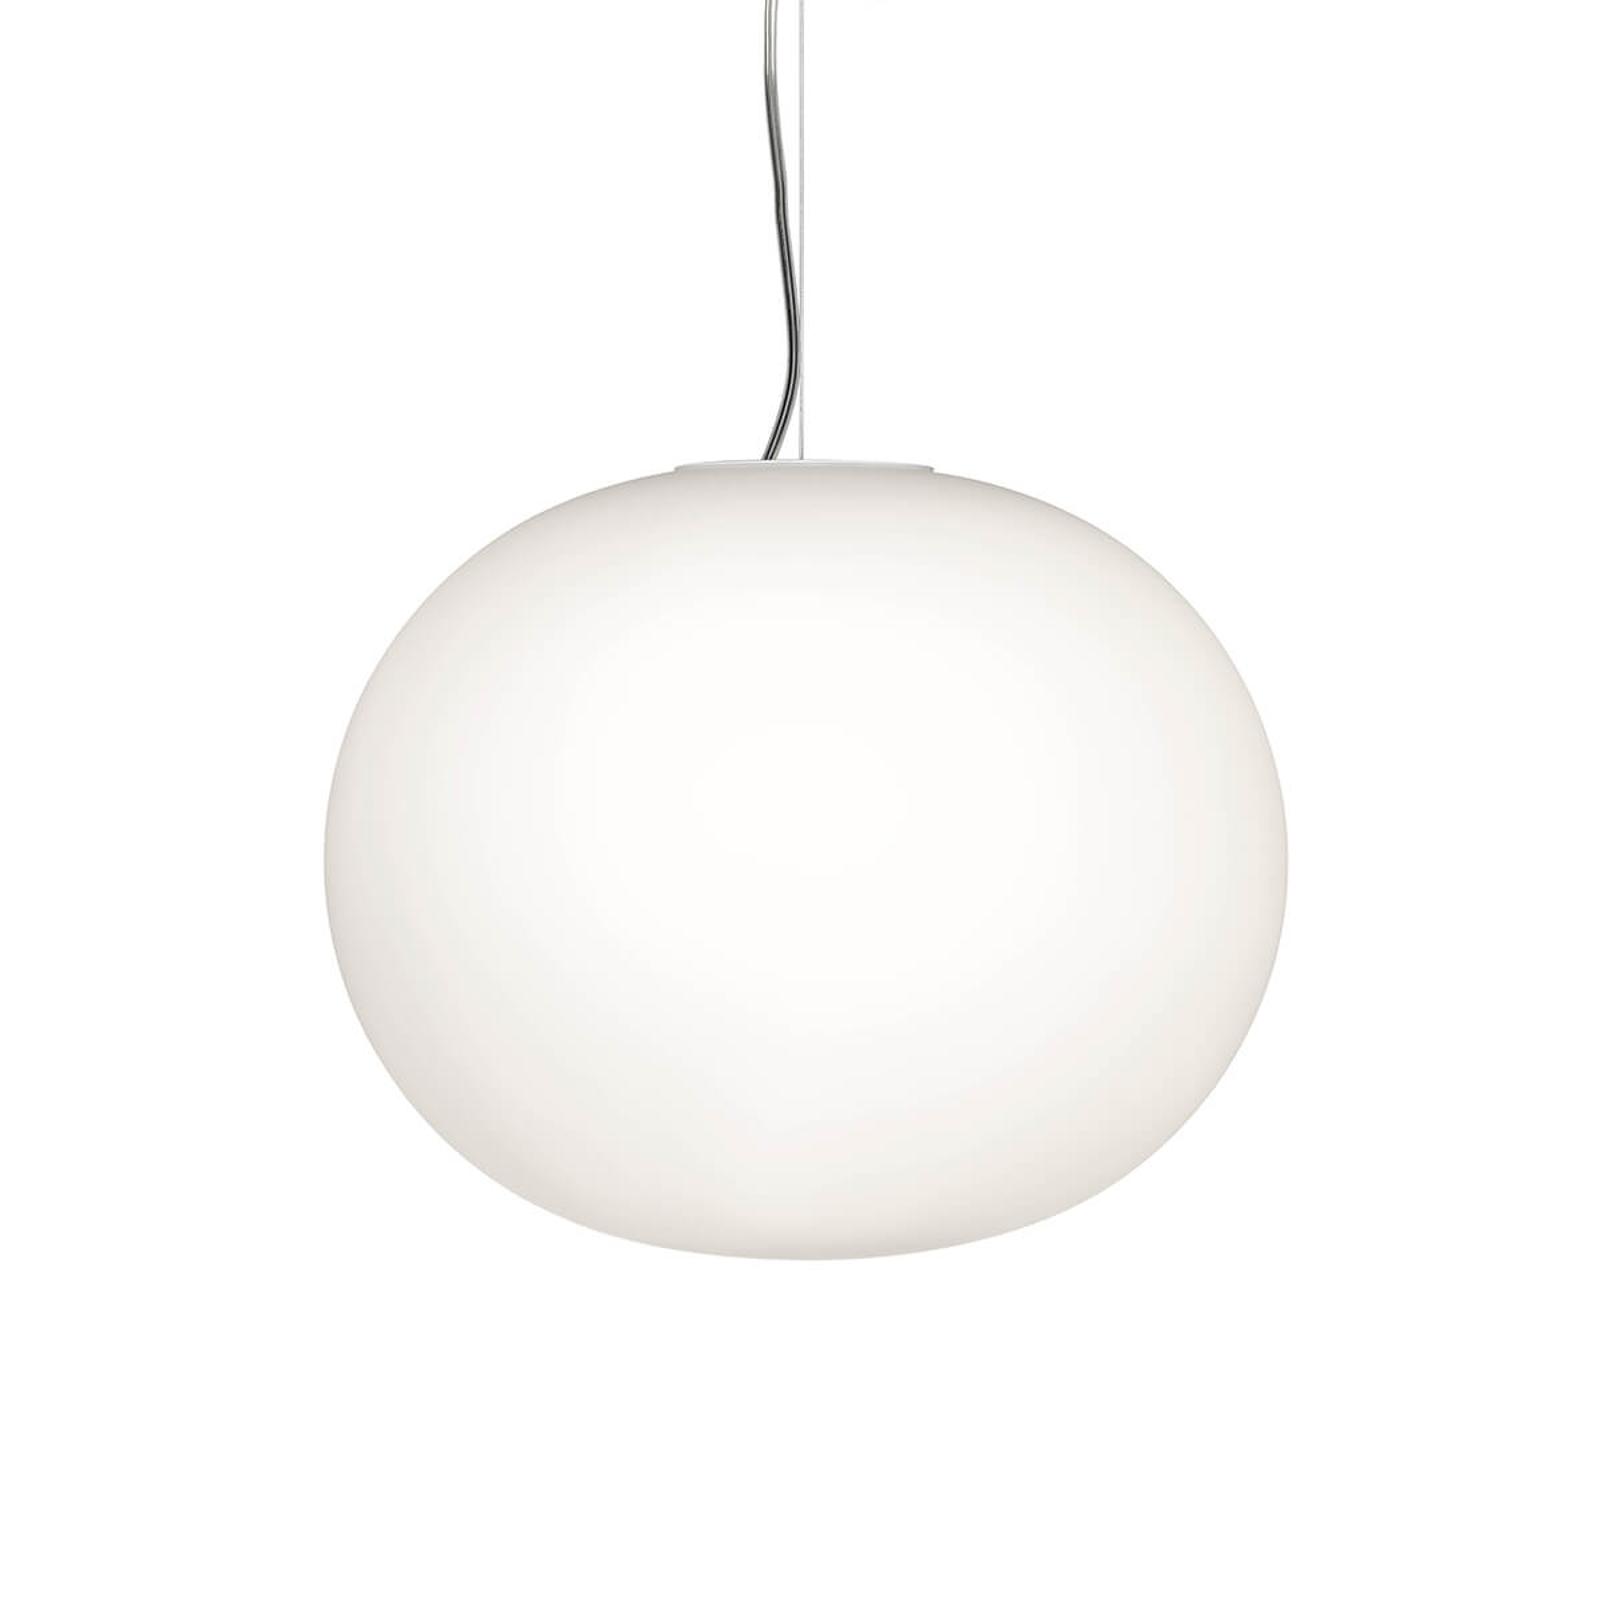 Spherical hanging light GLO-BALL_3510012_1